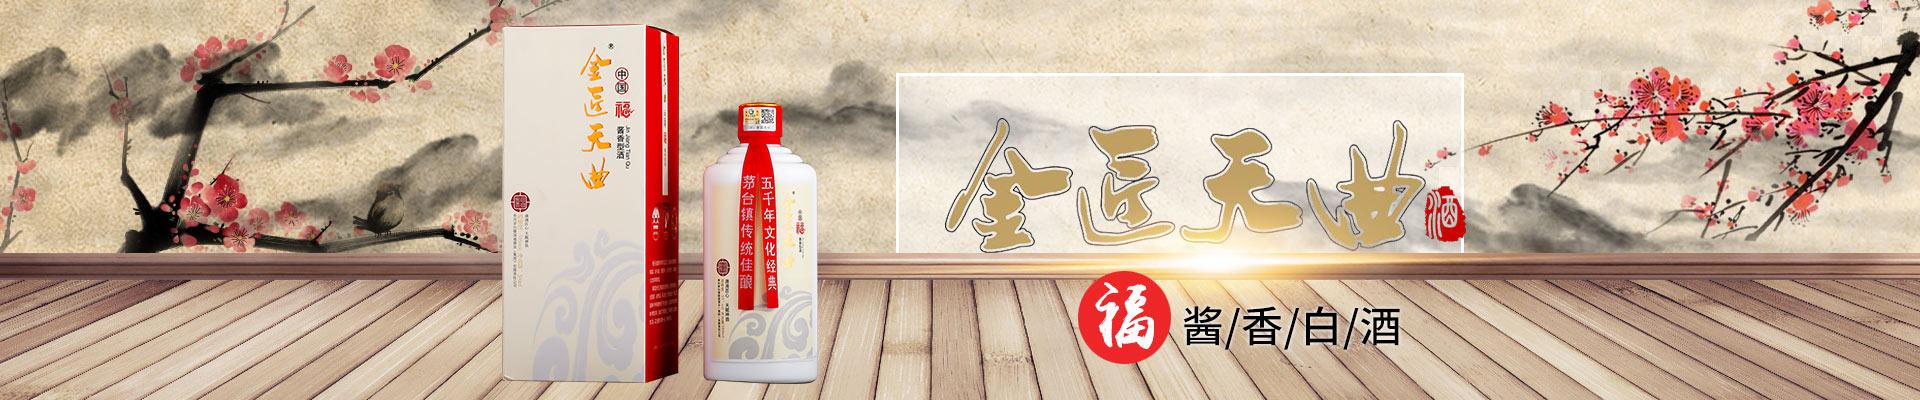 贵州金酱天曲酒业有限公司